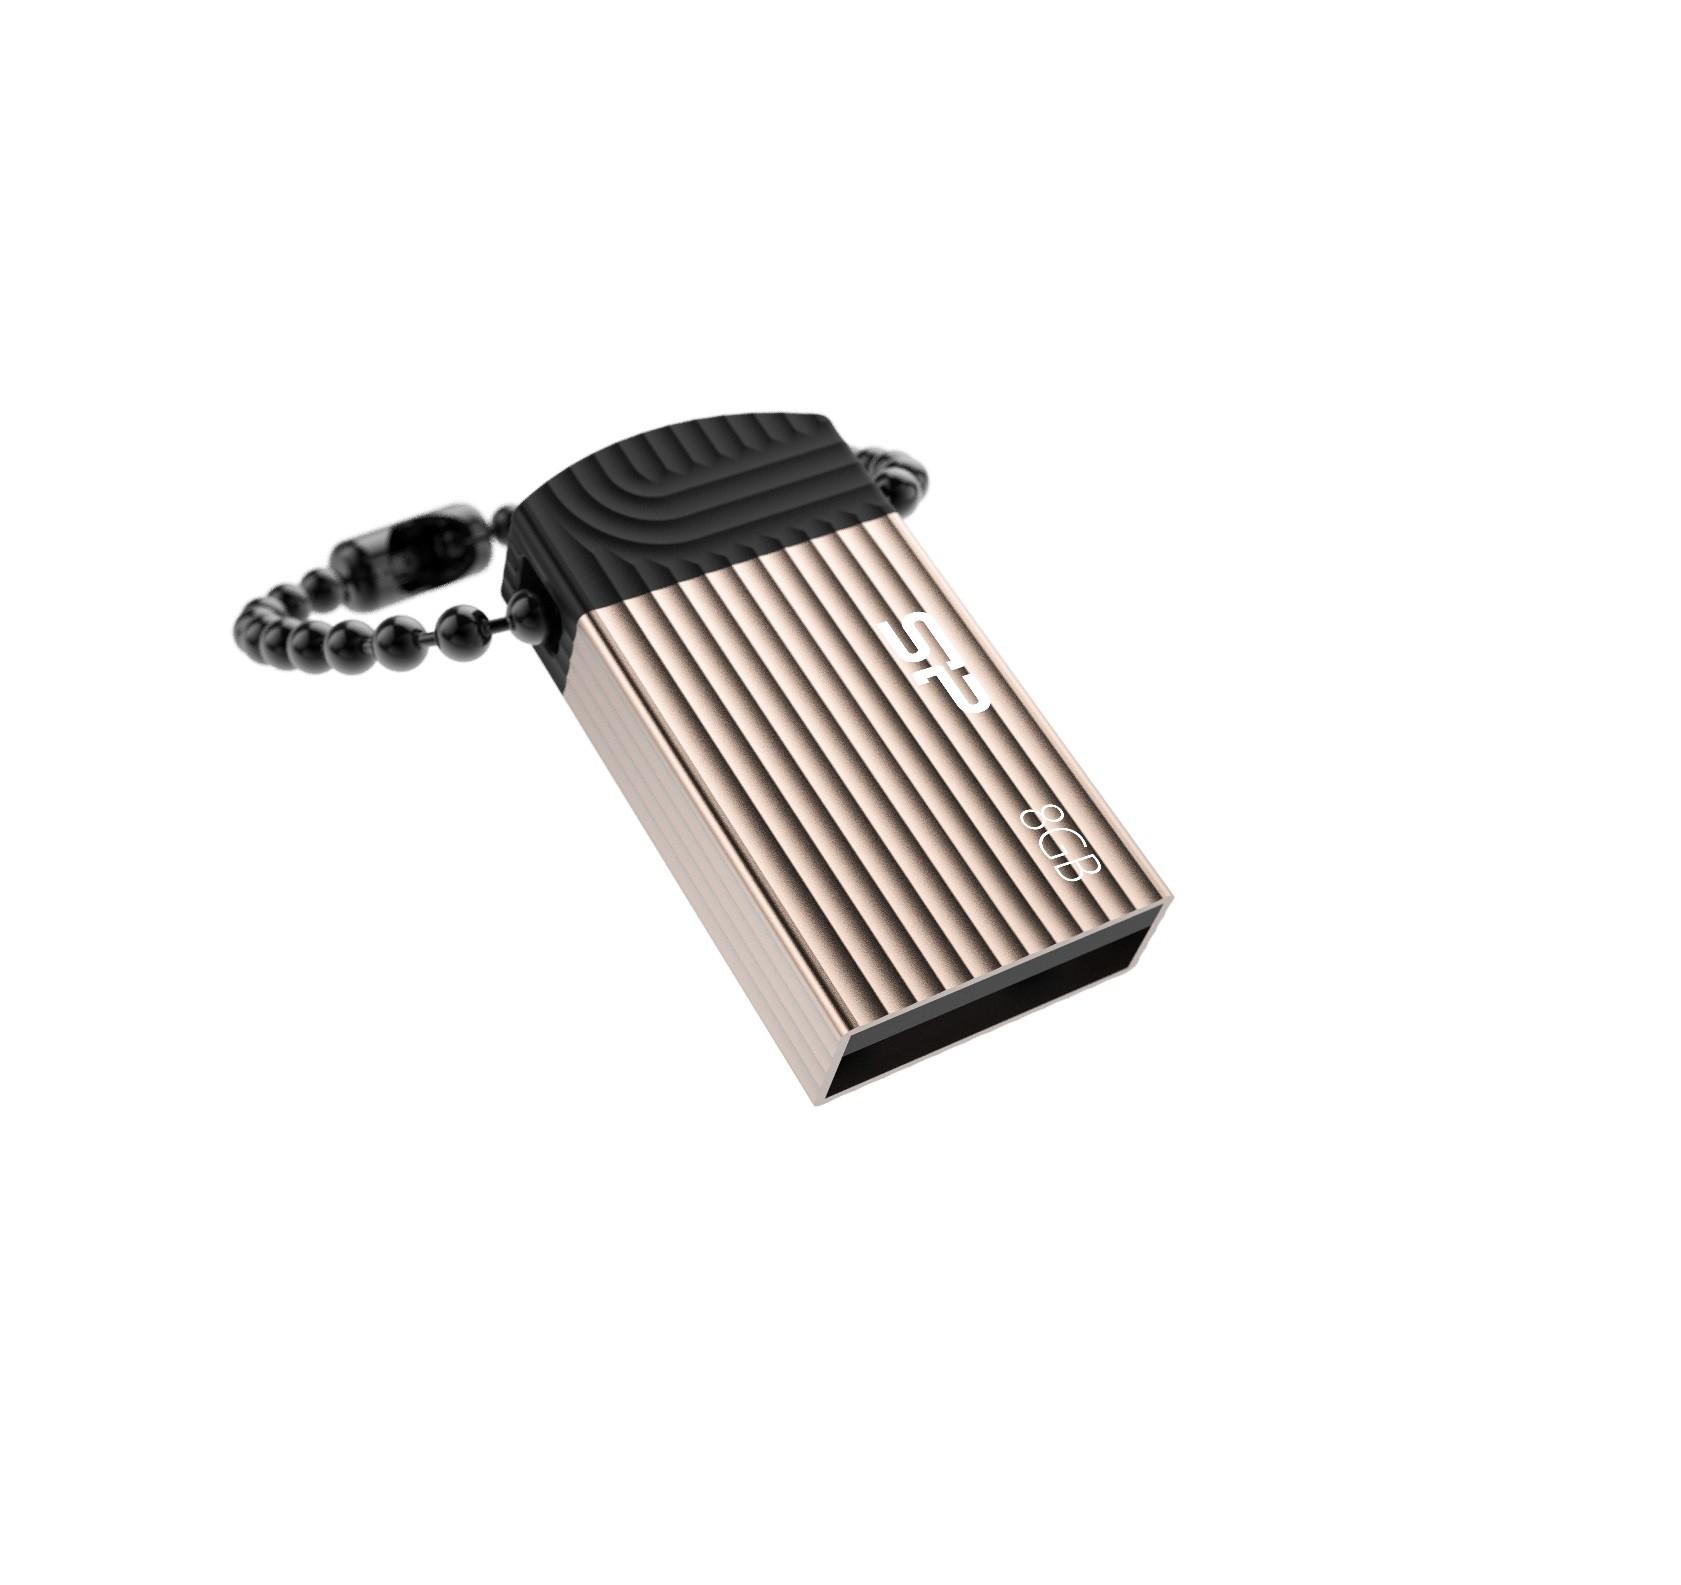 HC708SP48 - Pendrive USB 2.0 - COB - T20 - 8GB